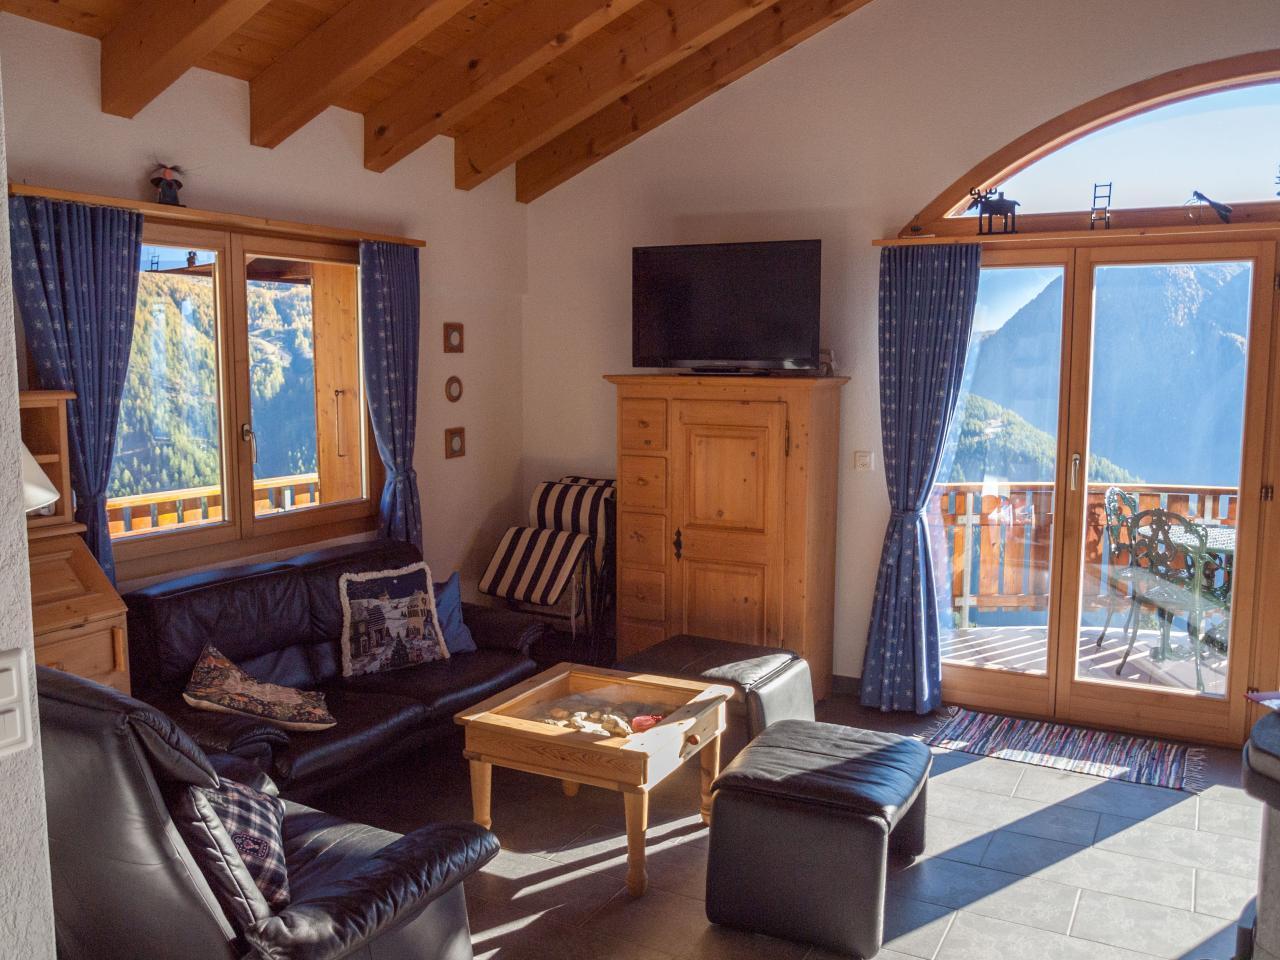 Ferienwohnung Chalet Bergkristall | moderne Ferienwohnung auf Rosswald im Wallis (2311756), Rosswald, Brig - Simplon, Wallis, Schweiz, Bild 6